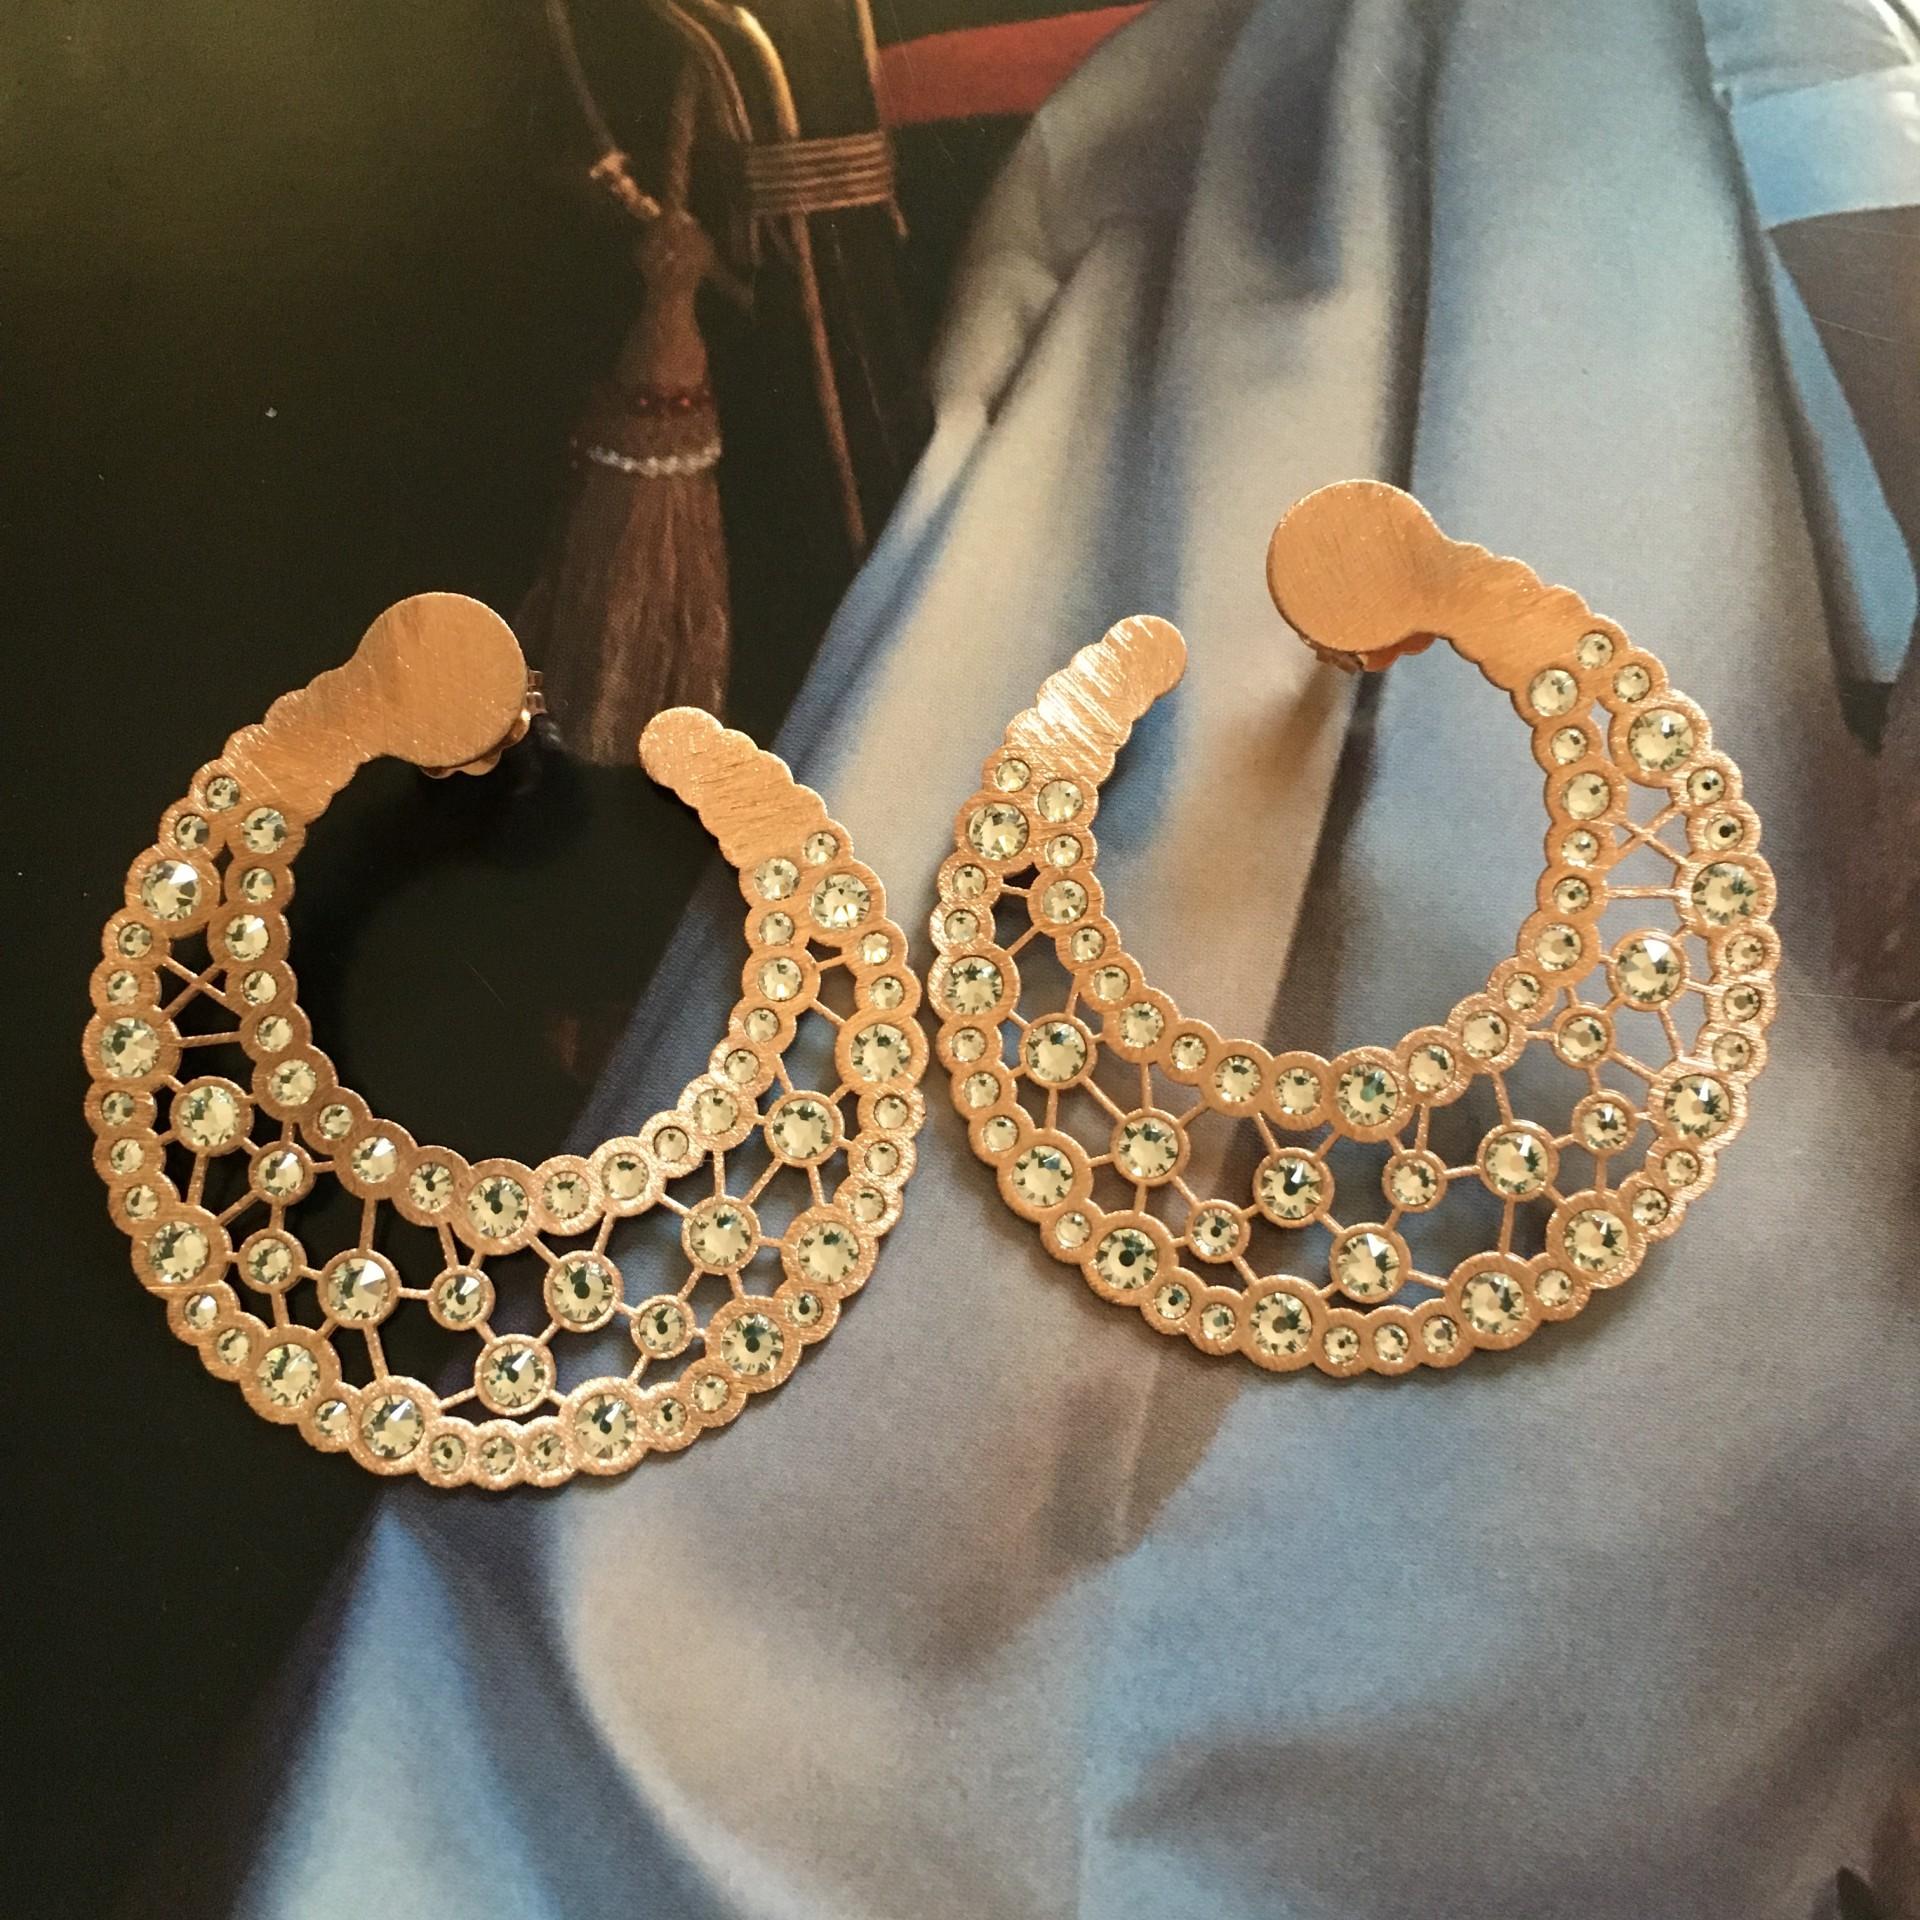 The Stardust in Rose silver earrings